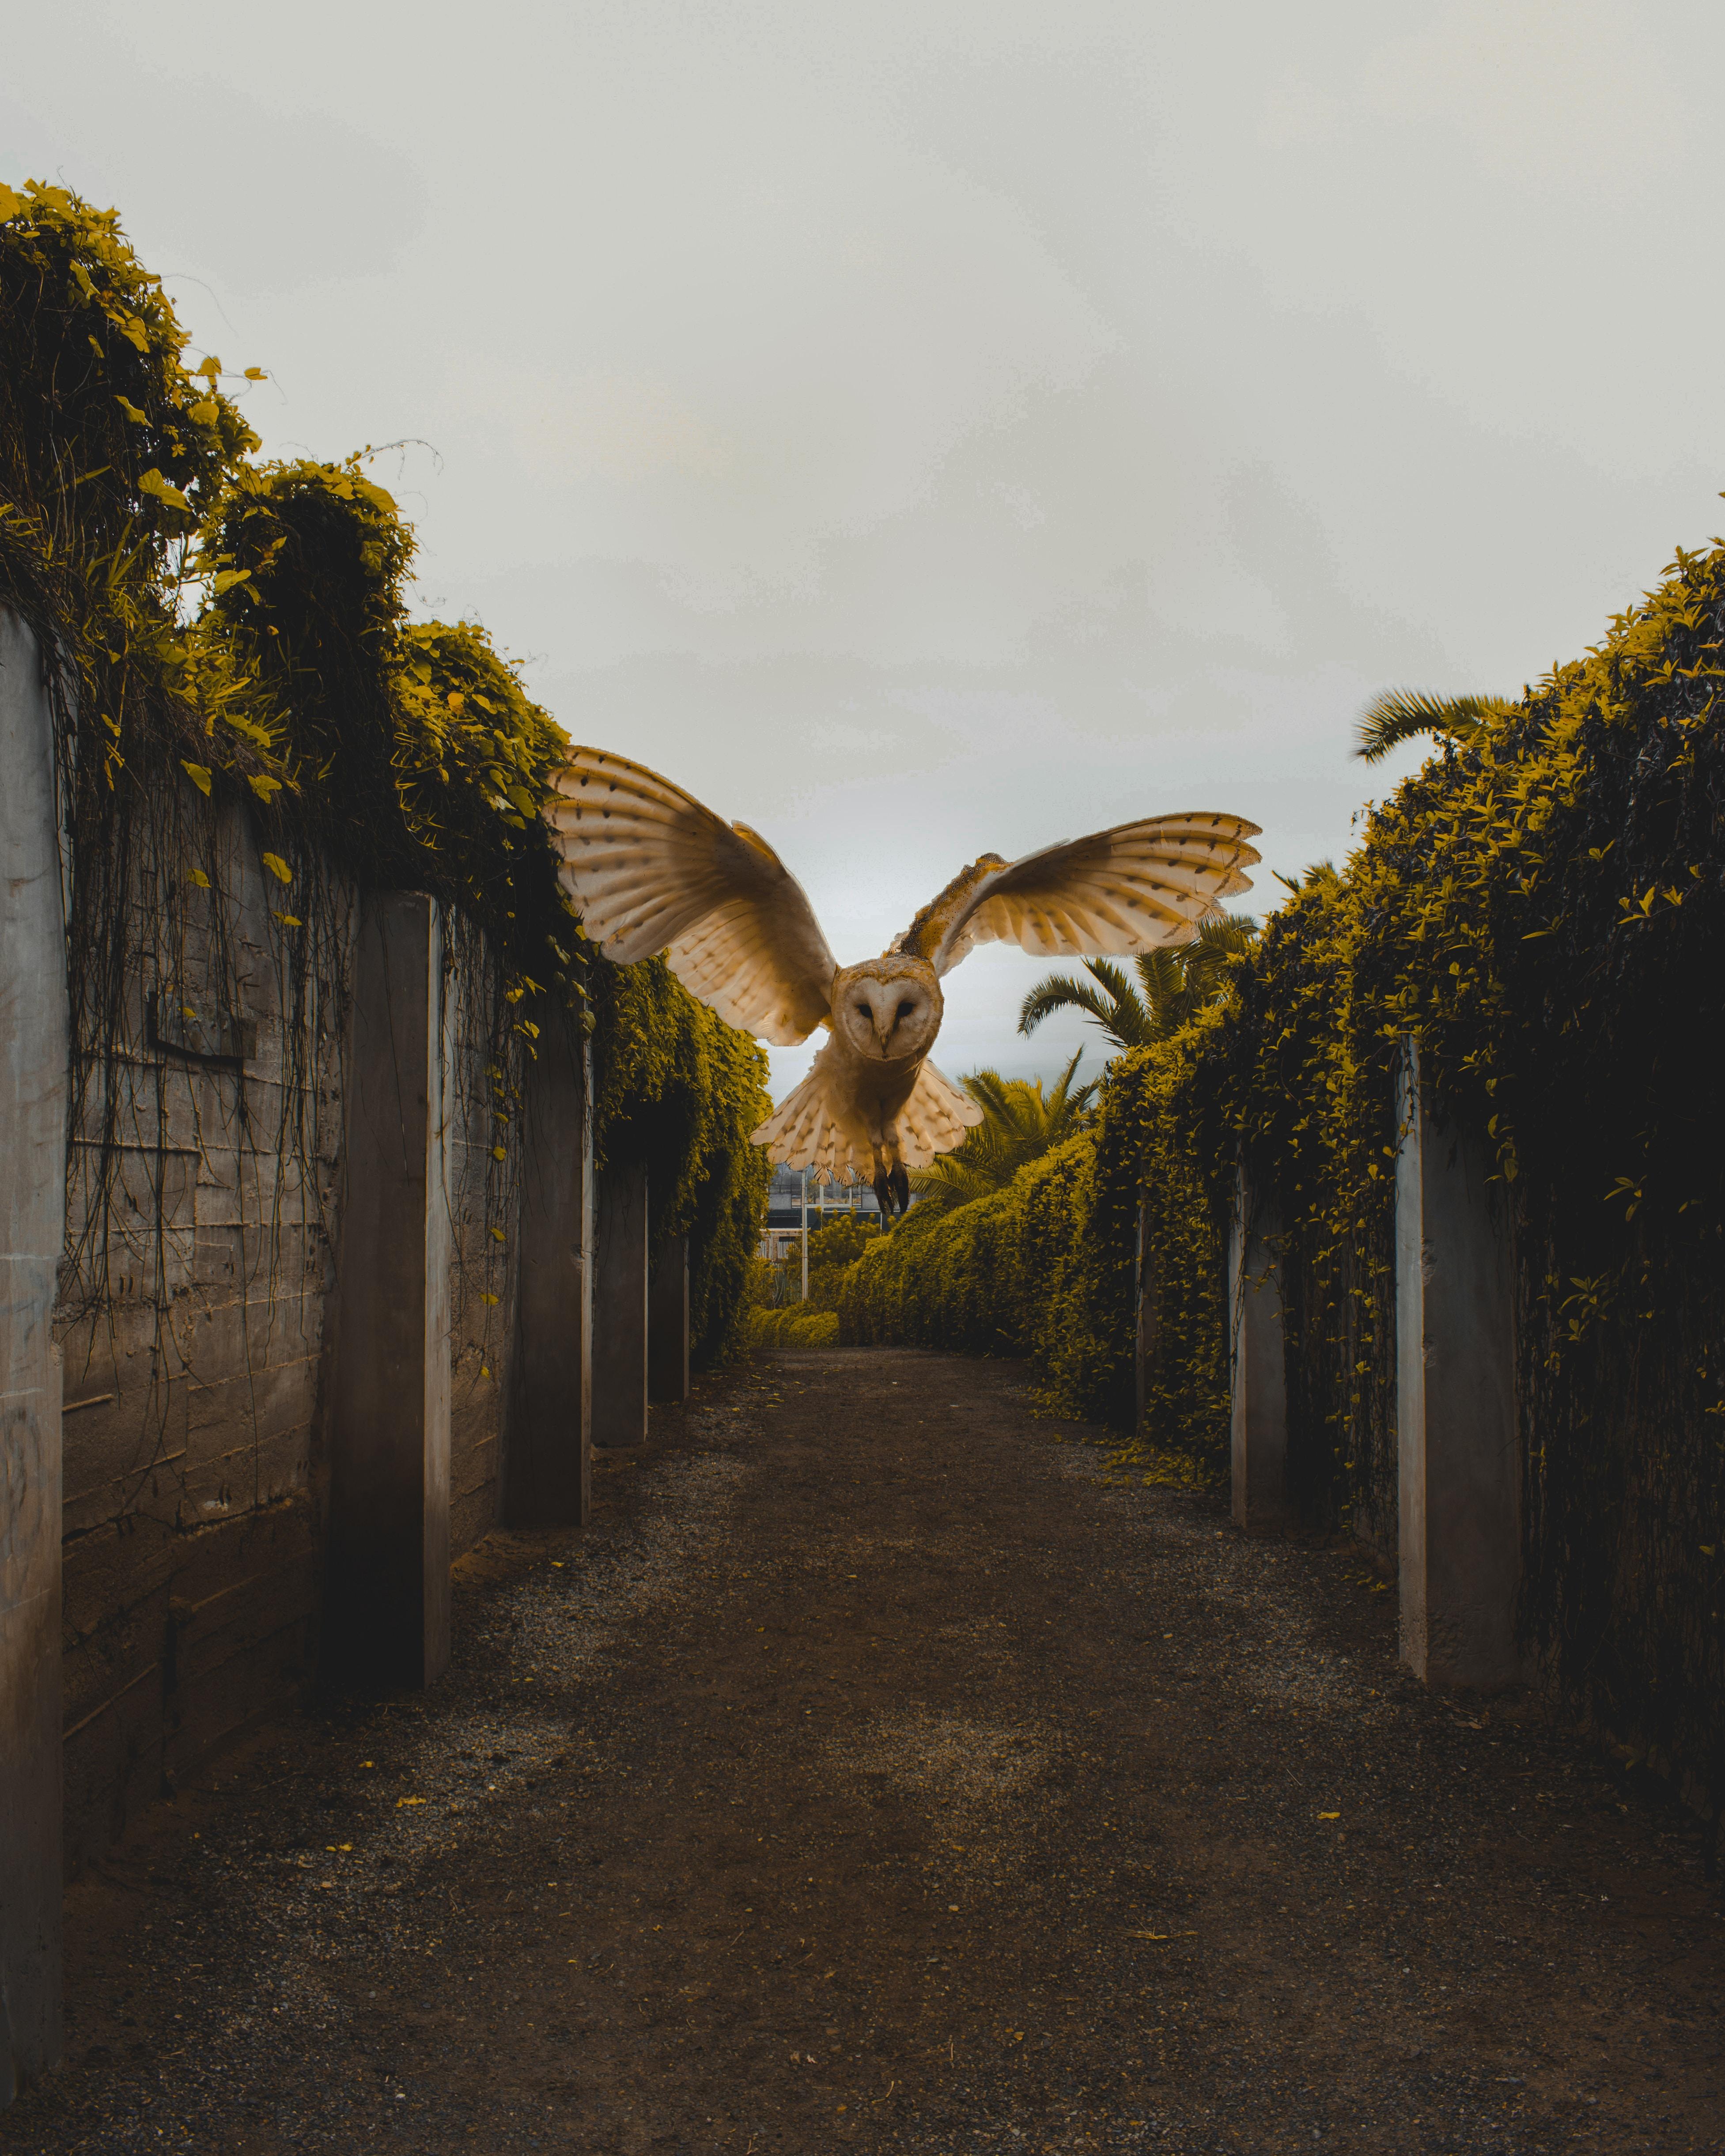 114730 Hintergrundbild herunterladen Eule, Tiere, Fliegen, Vogel, Flug, Flügel - Bildschirmschoner und Bilder kostenlos